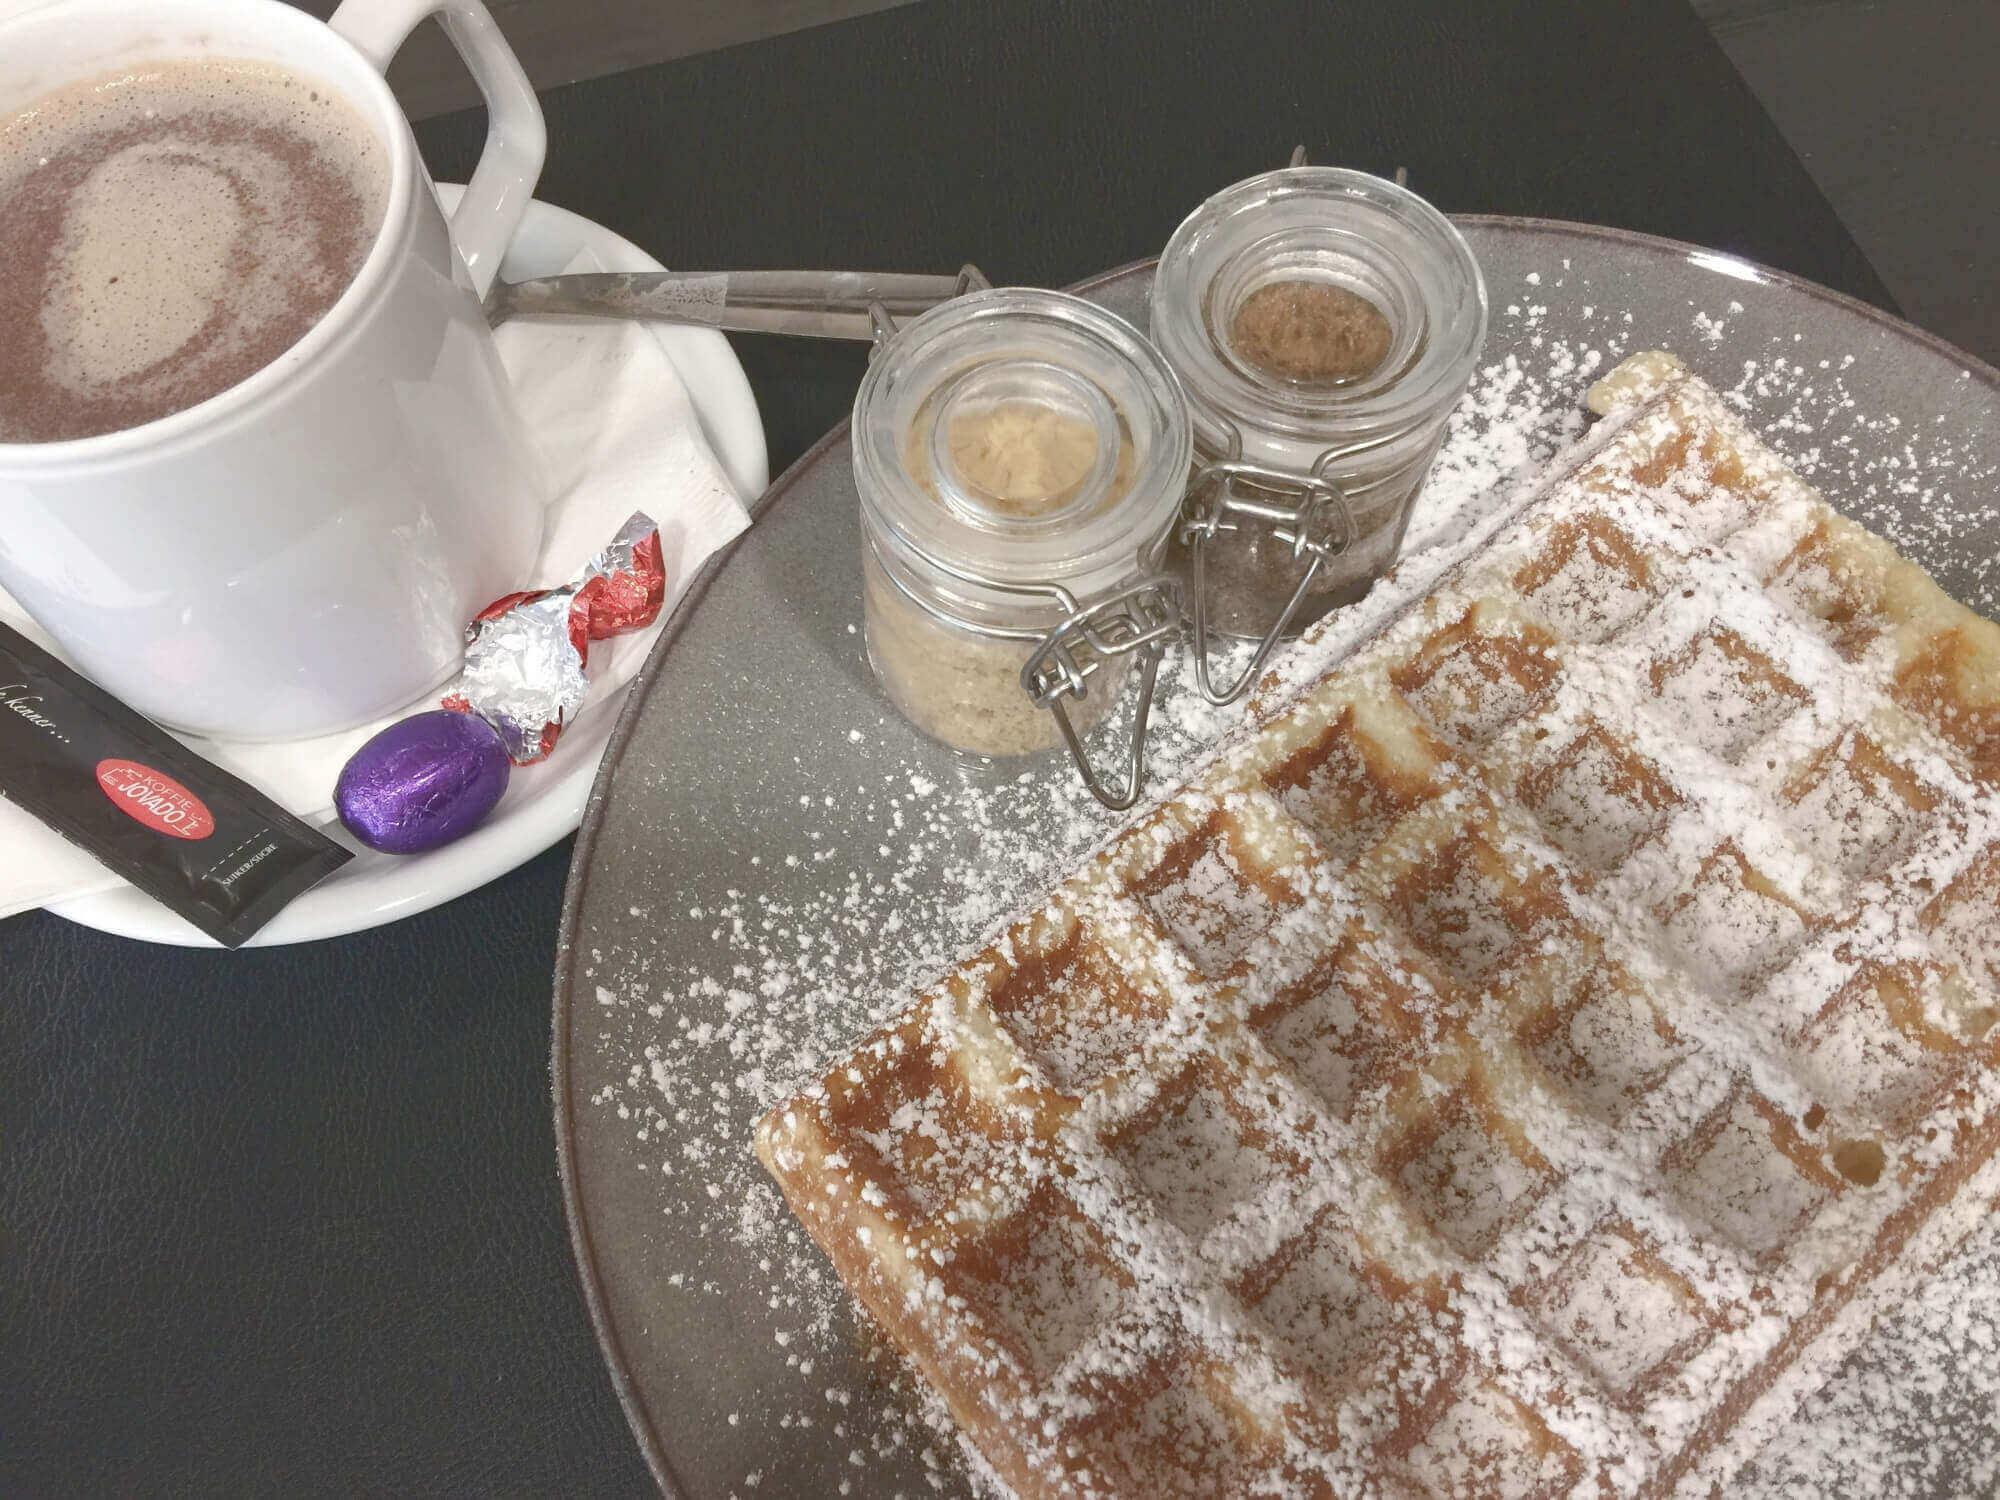 Waffel nach Brüssler art mit verschiedenen Zuckersorten und heiße Schokolade im Café Balthasar in Brügge, Belgien